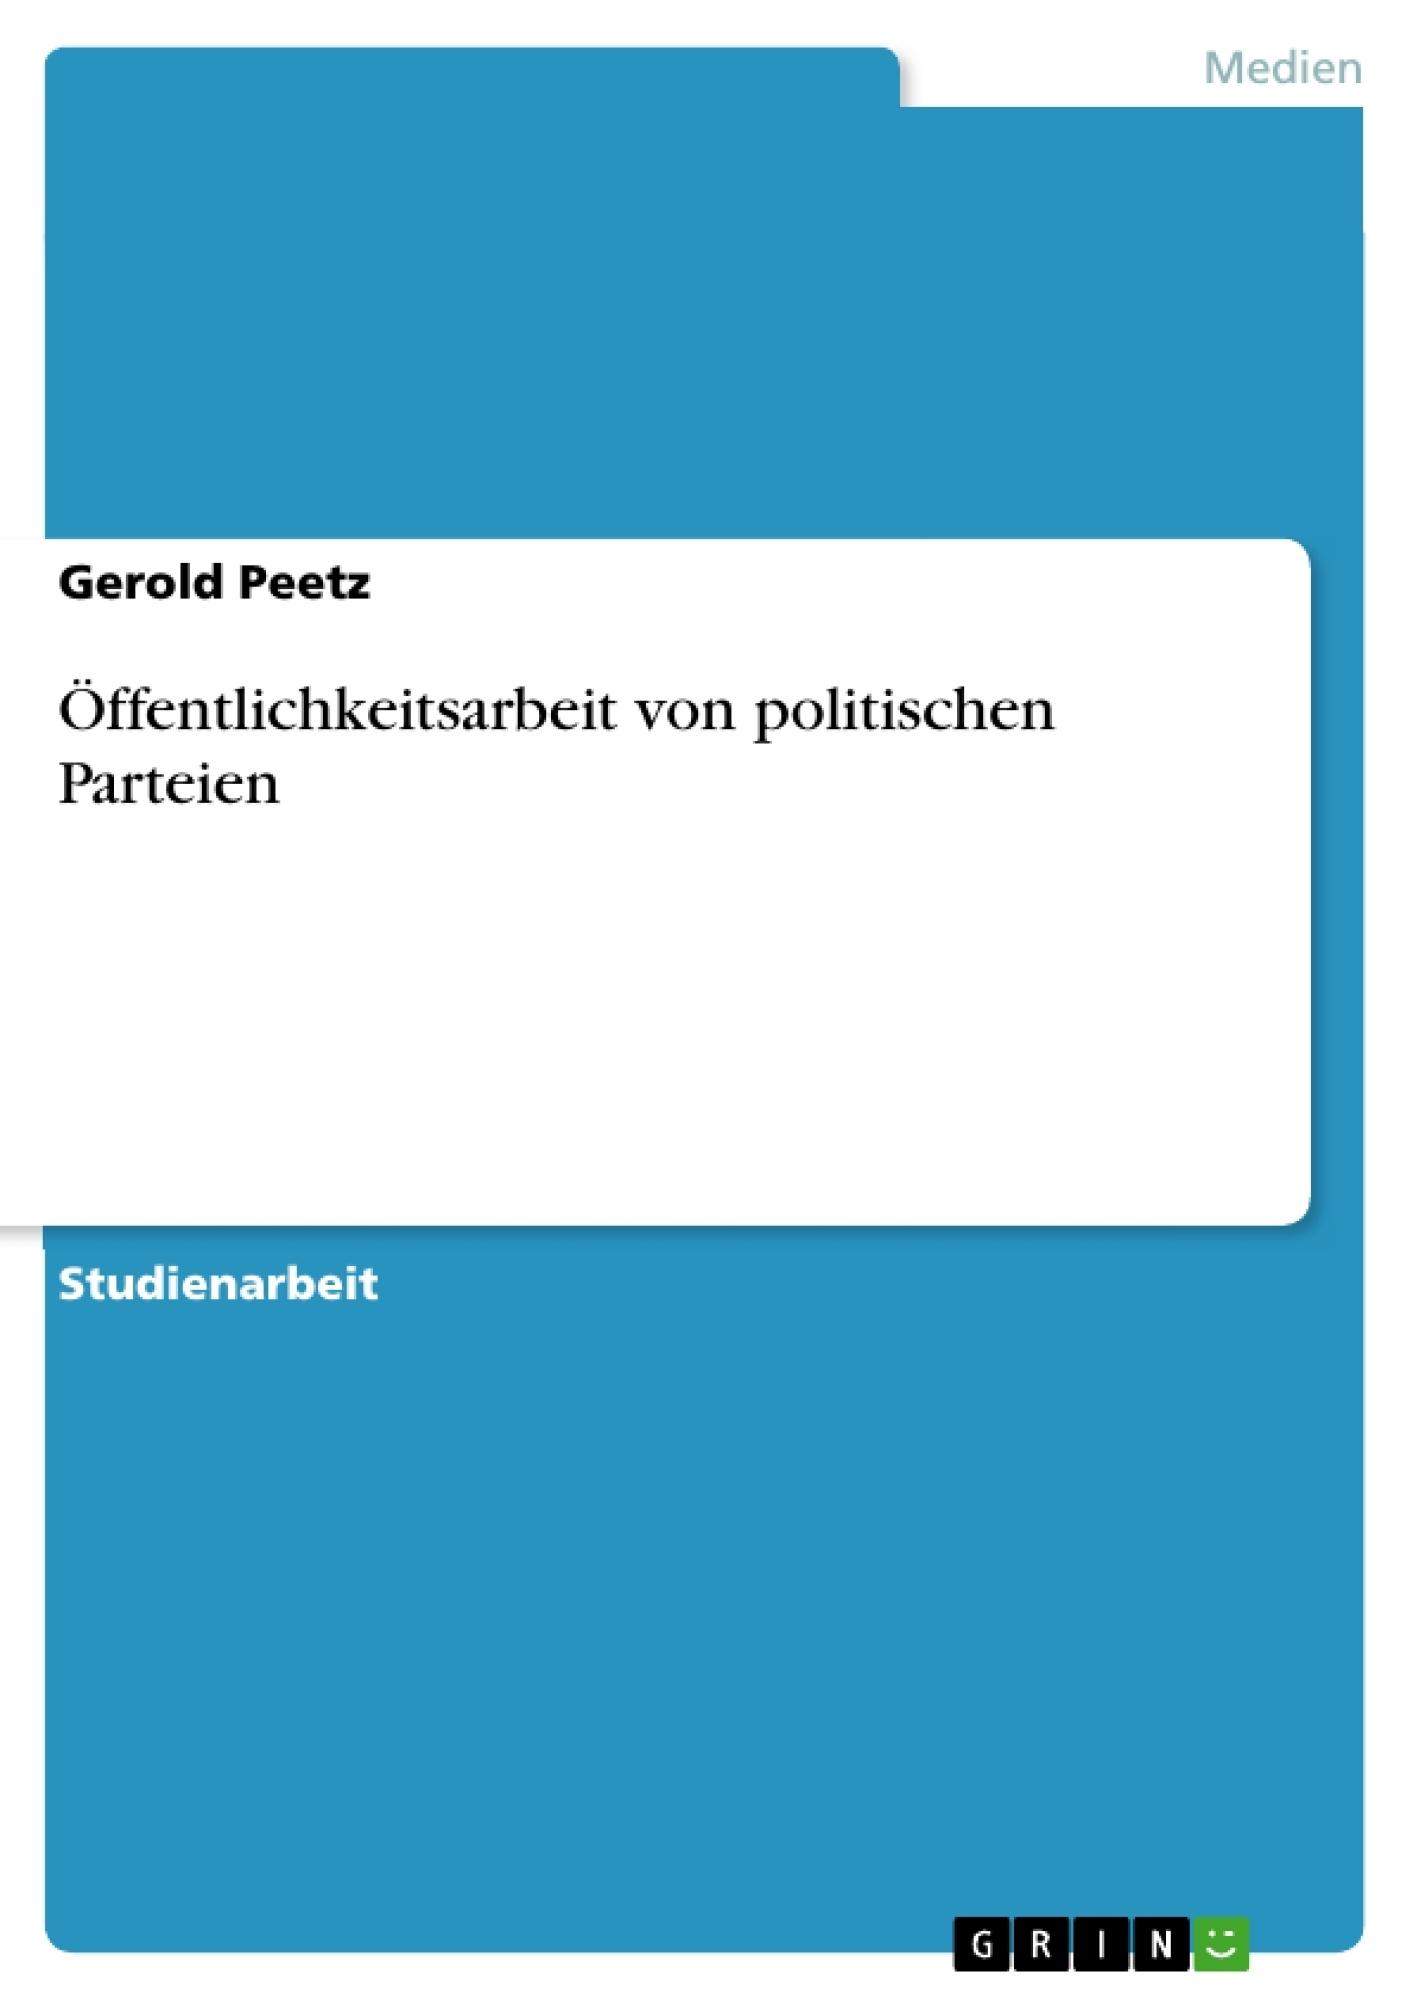 Titel: Öffentlichkeitsarbeit von politischen Parteien